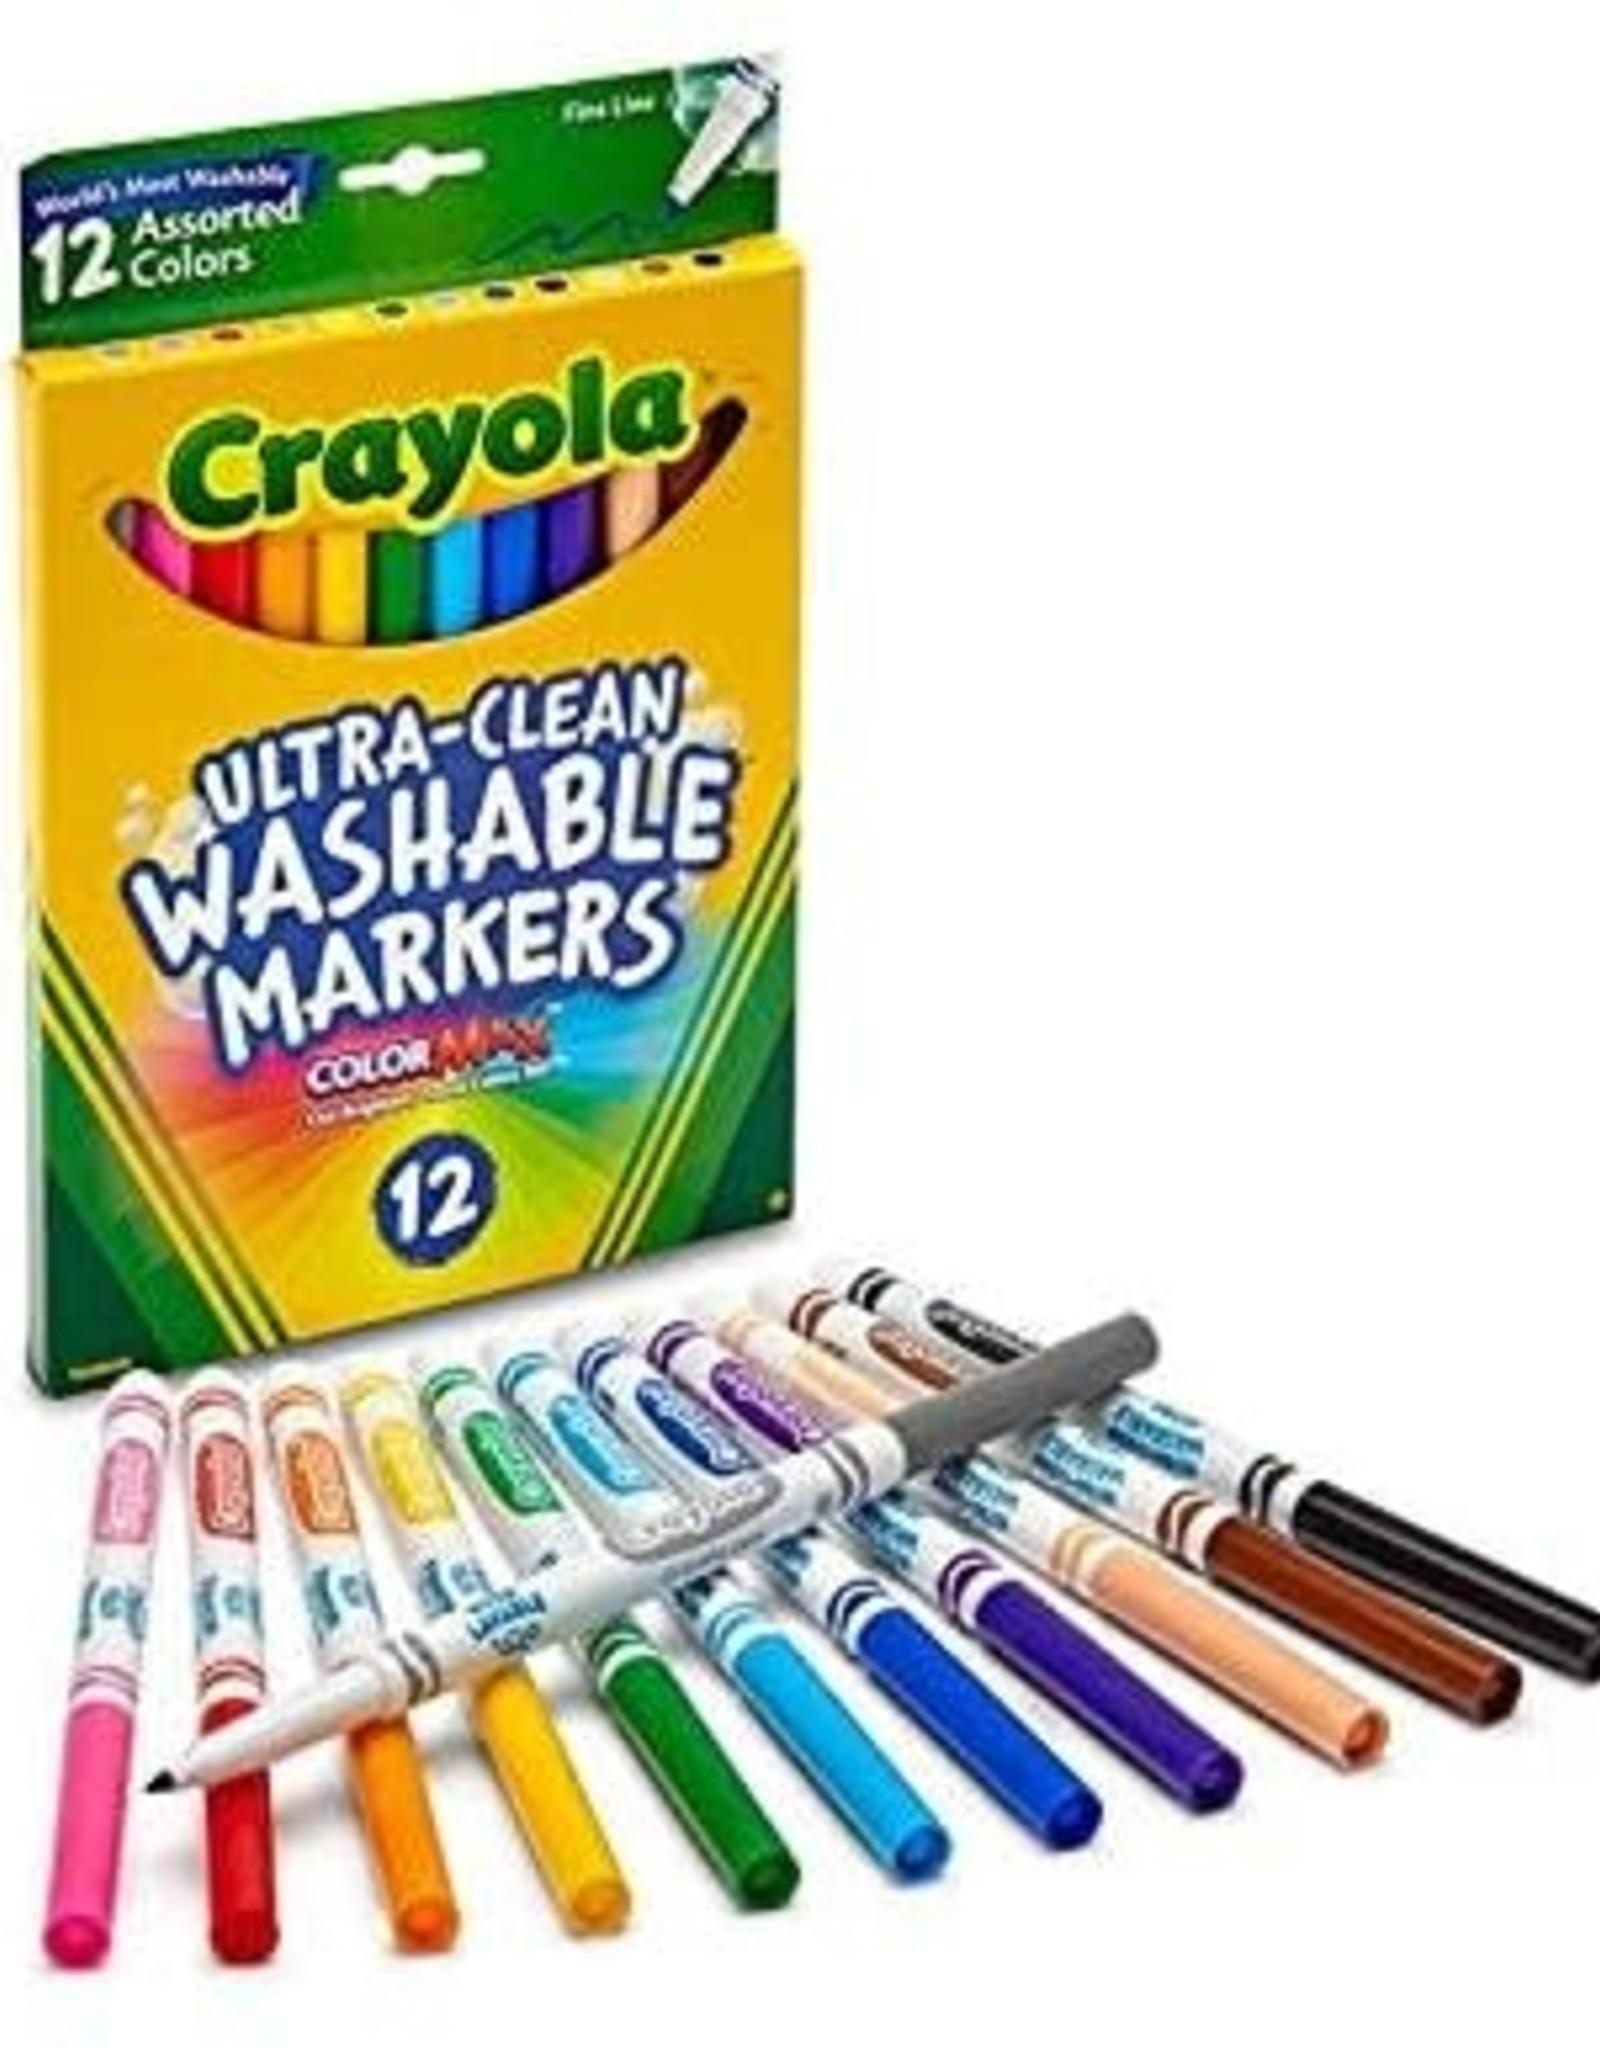 Crayola Crayola Washable Marker Set (12)